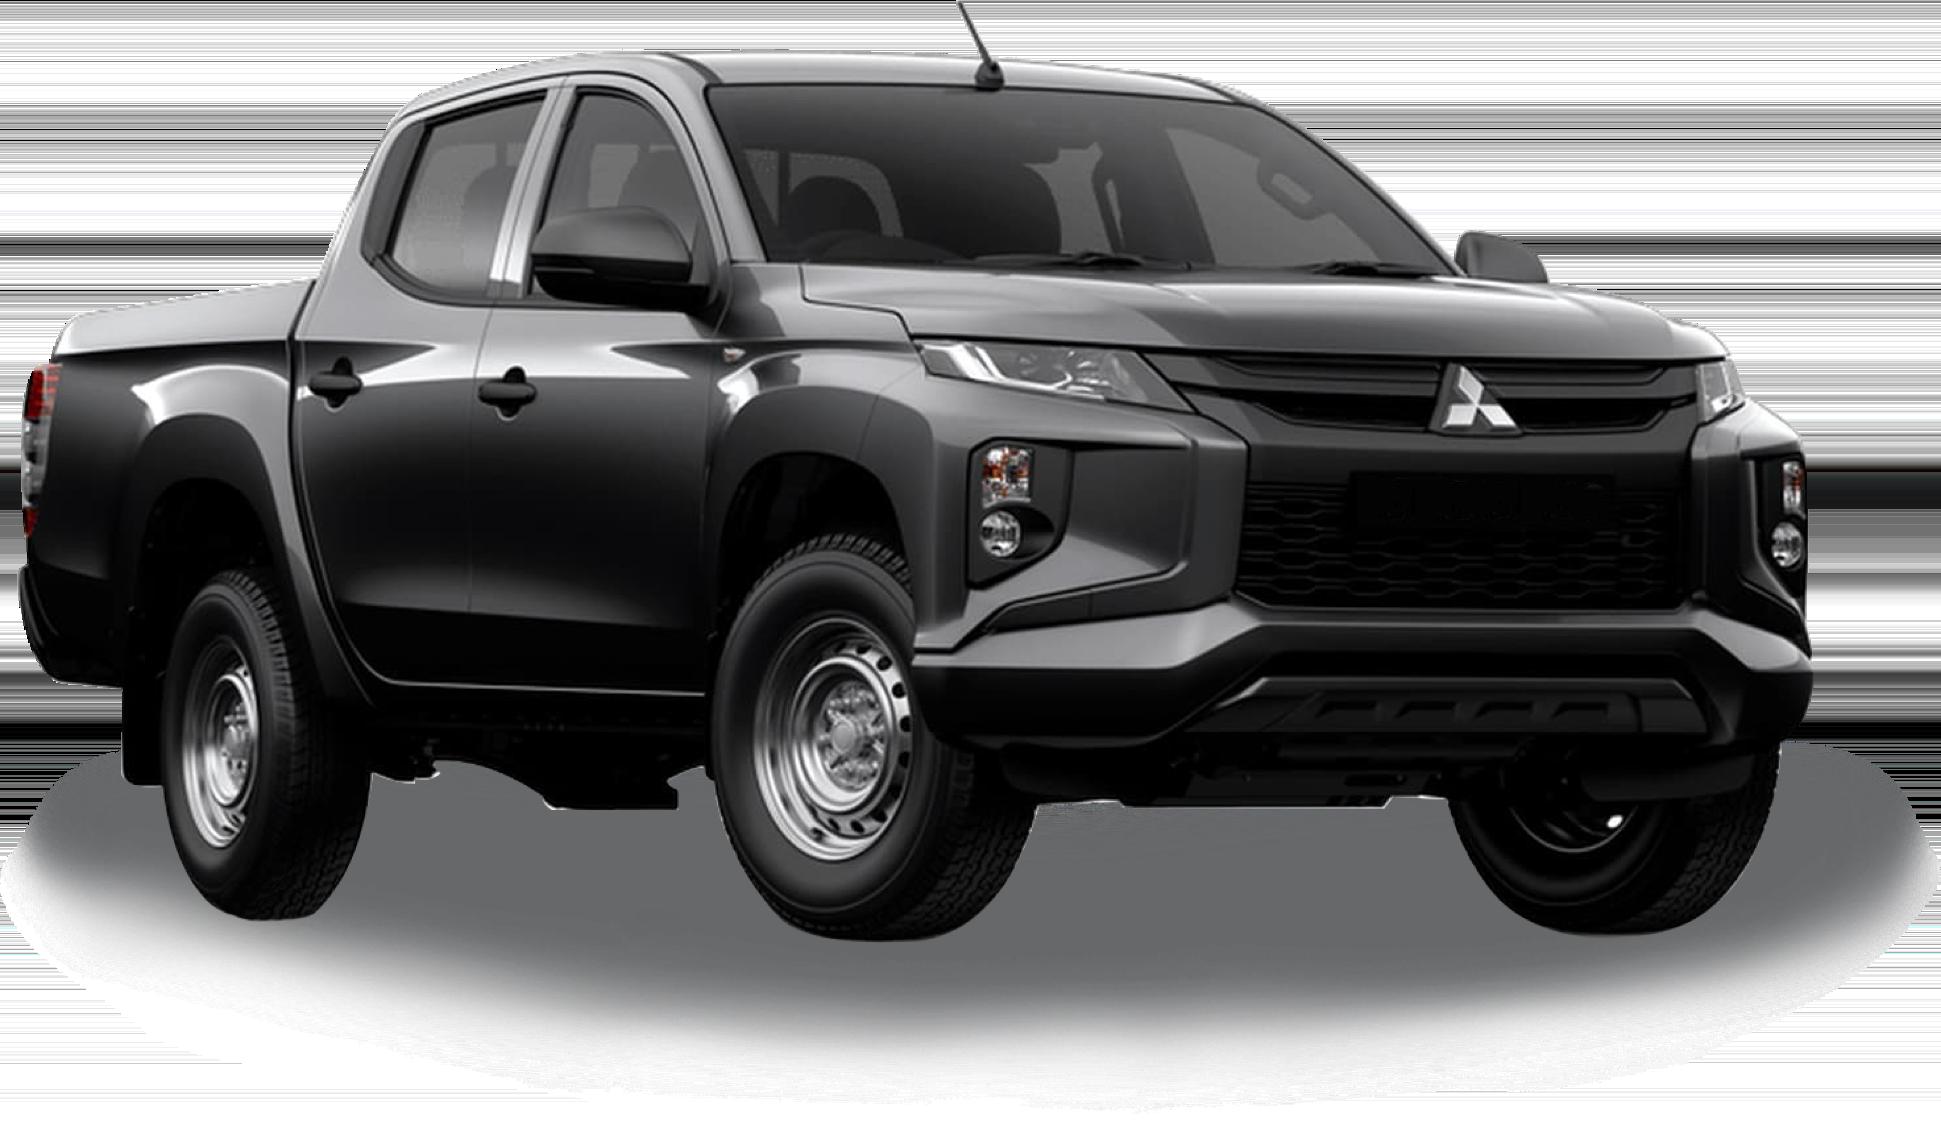 Business car loan comparison platform